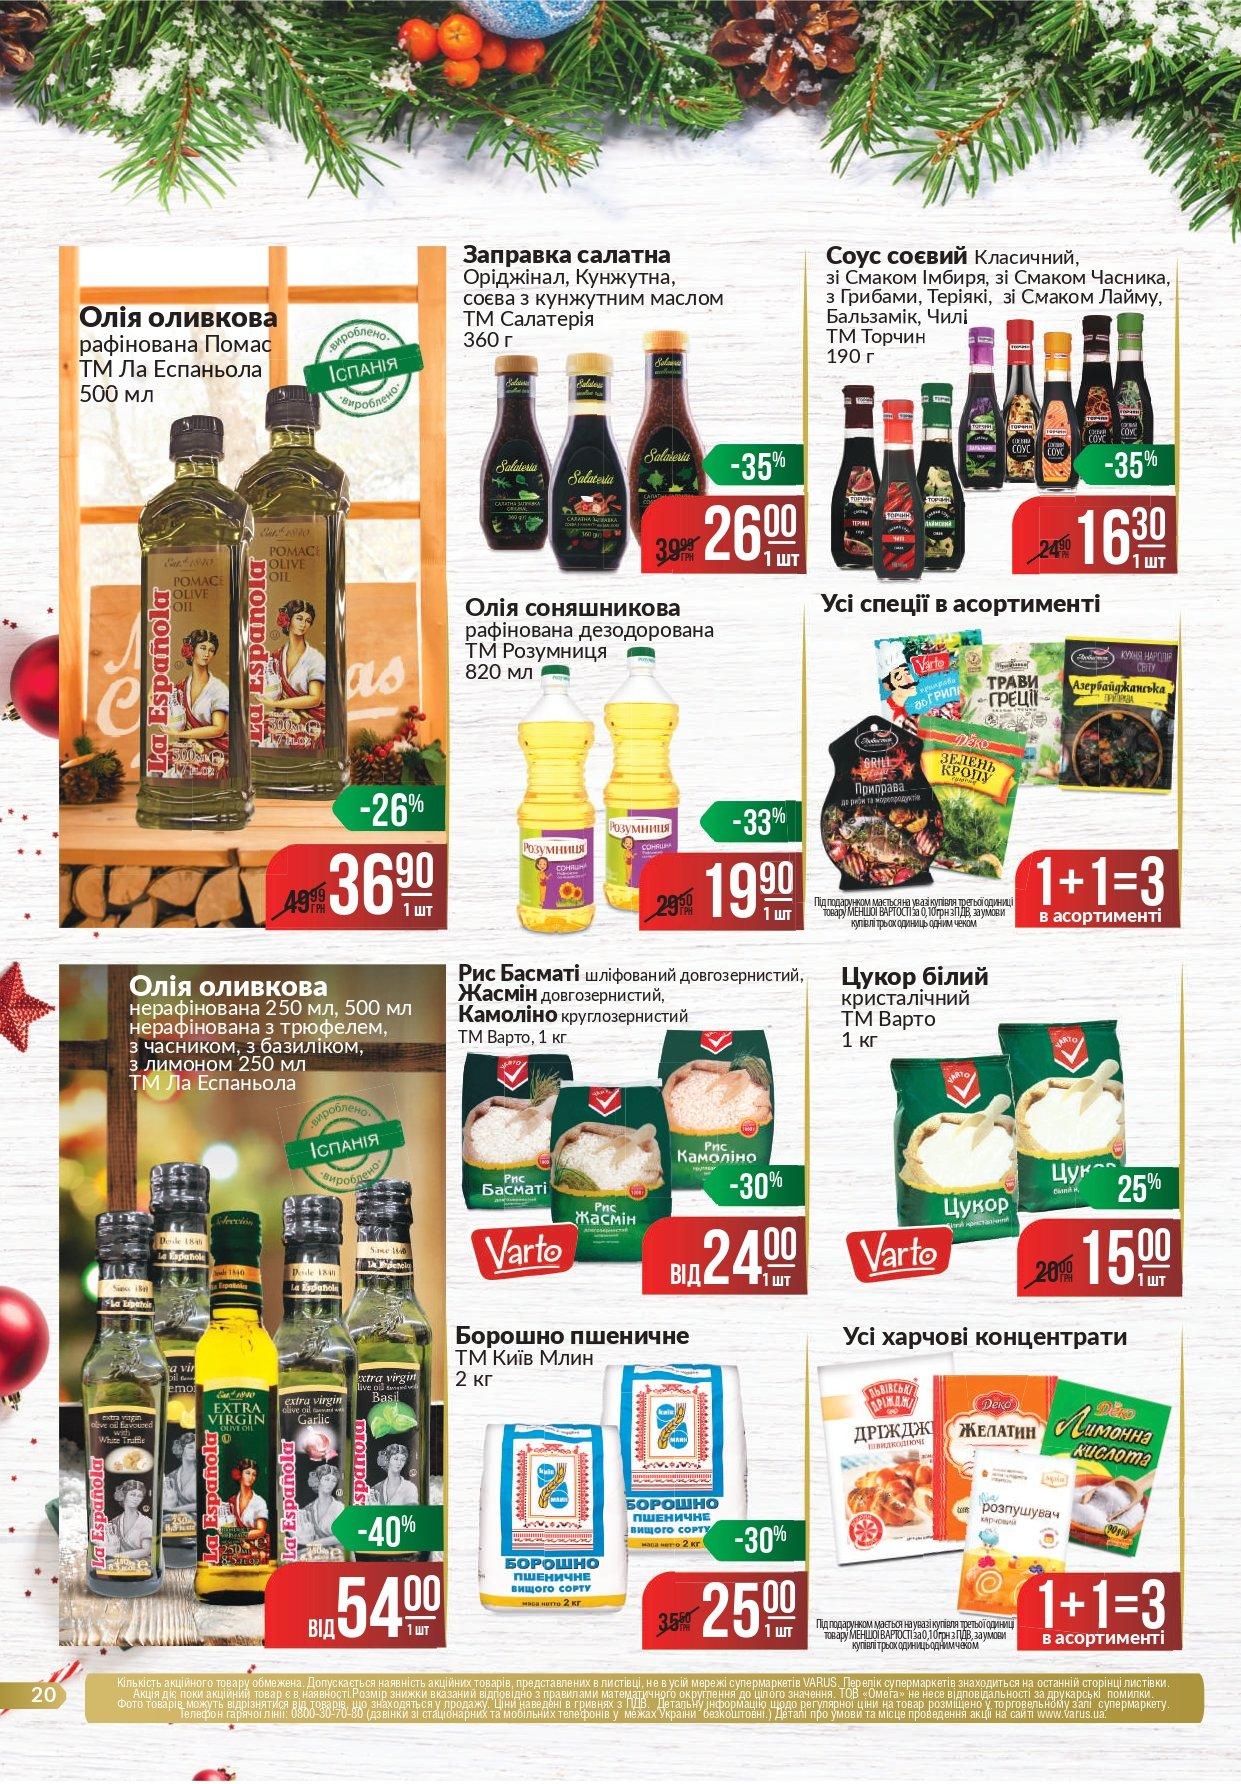 Делаем покупки к Новому Году: какие акции действуют в супермаркетах Днепра, - ЦЕНЫ, фото-48